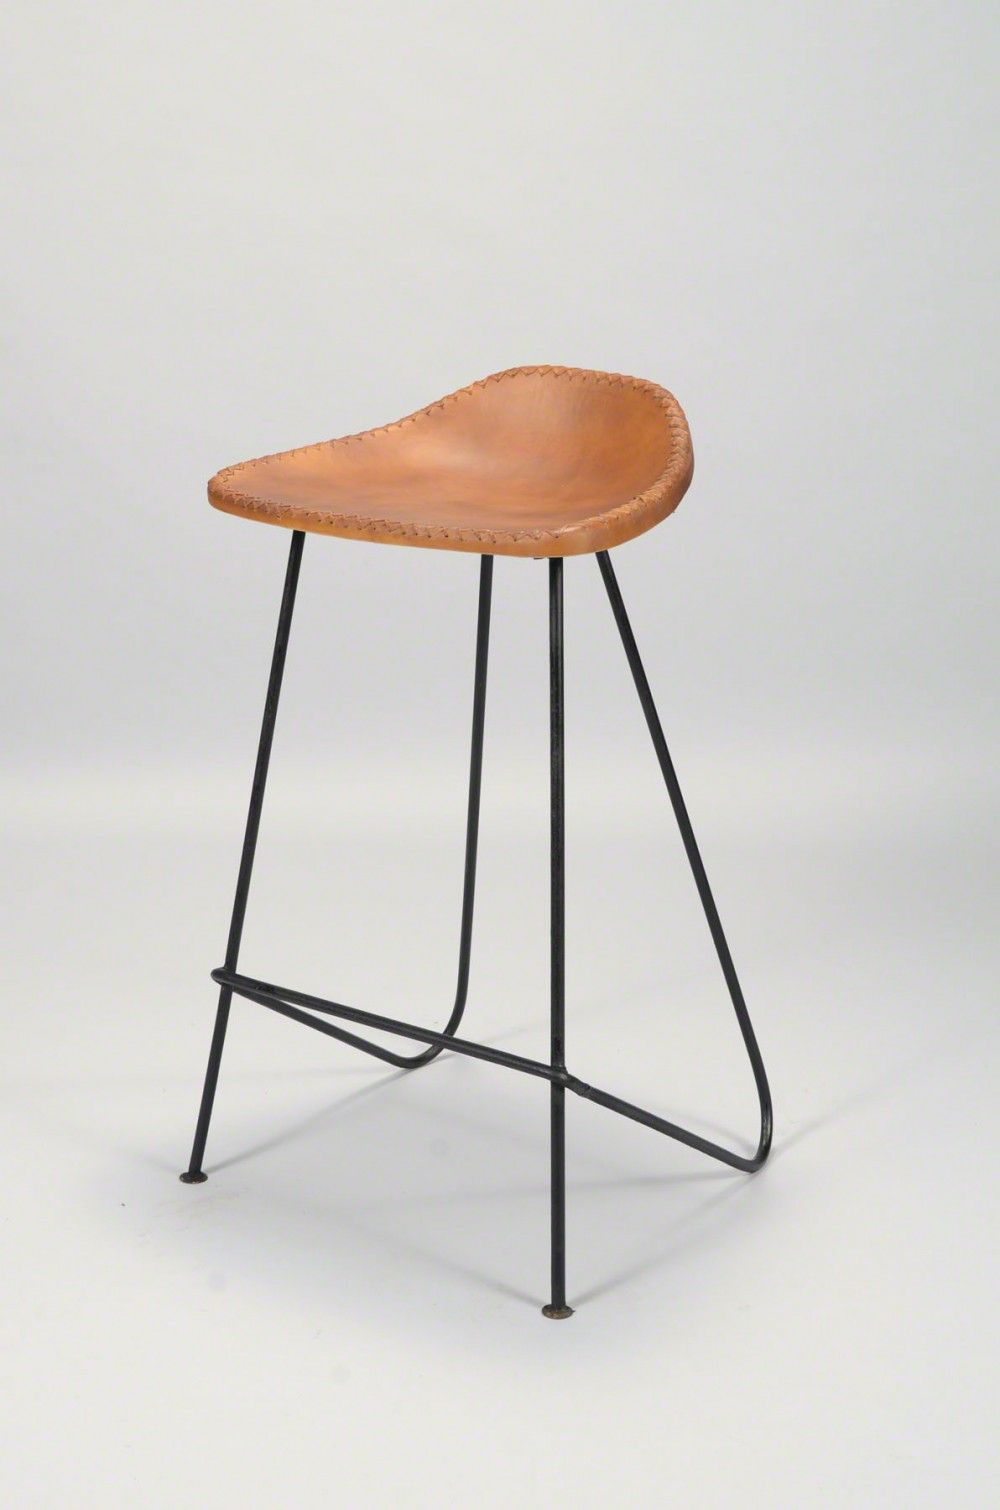 Barhocker Industrie, Hocker Metall Industriedesign, Sitzhöhe 68 cm ...